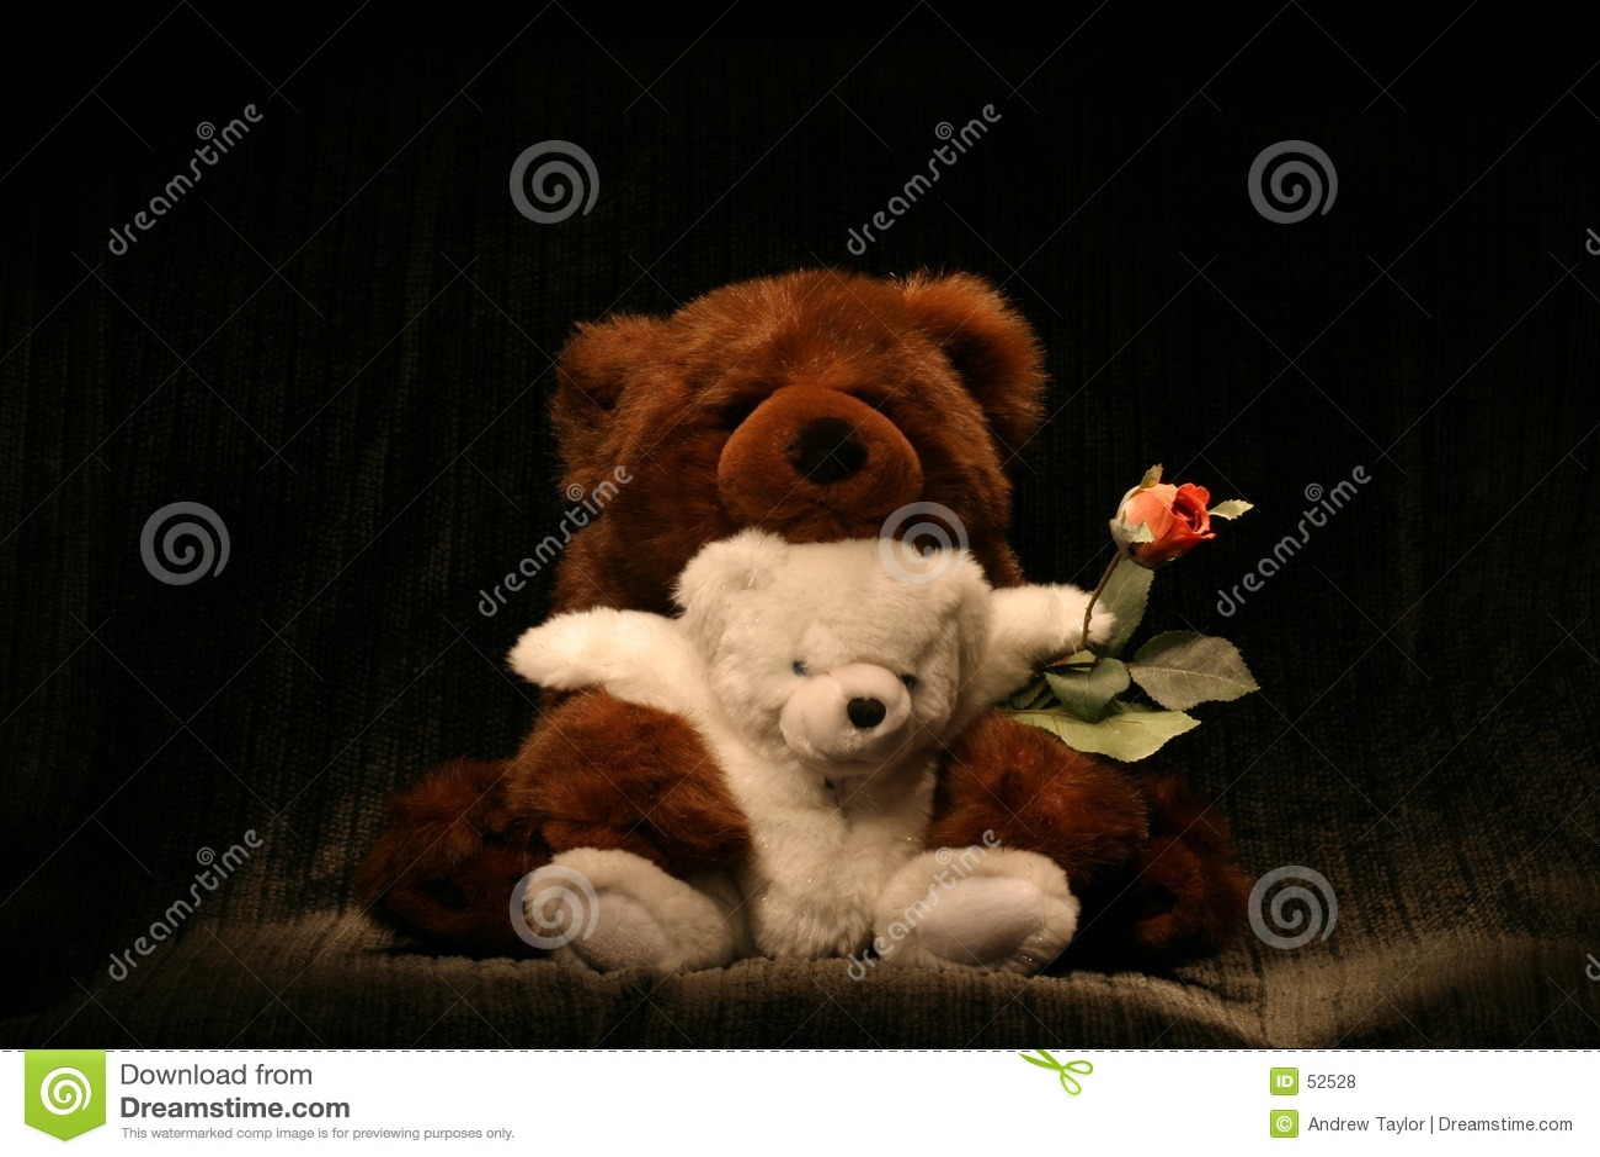 Hug de urso Rosa